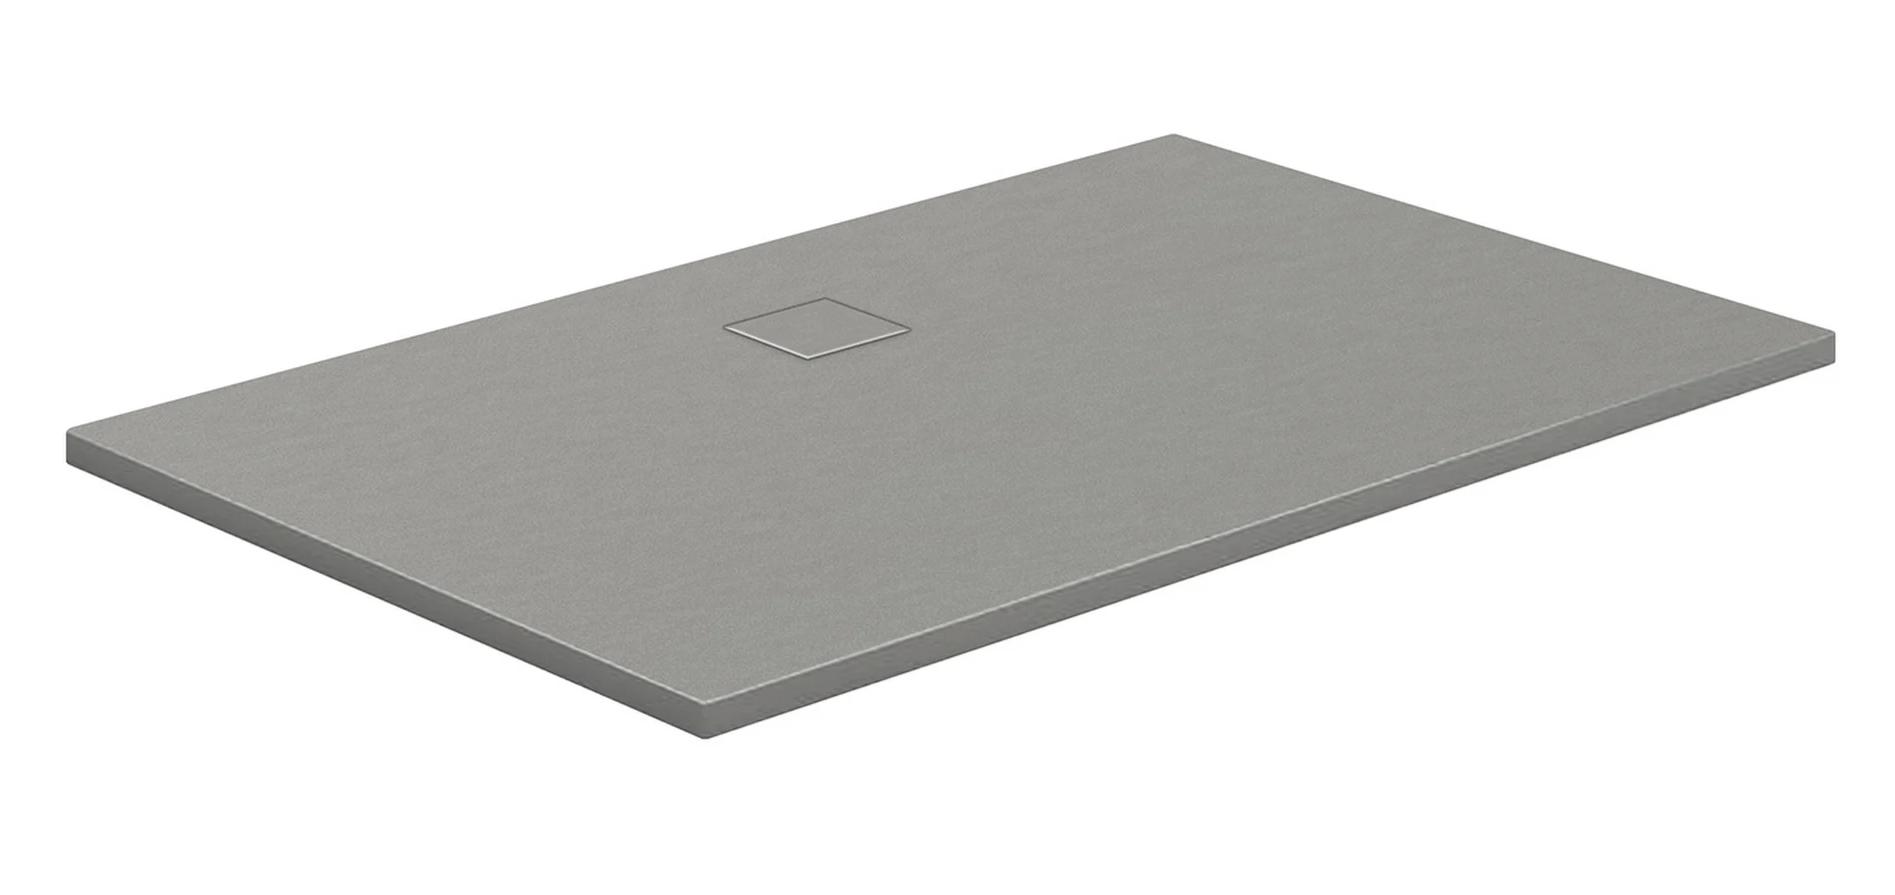 HSK Marmor-Polymer-Duschwannen, Steinoptik - Rechteck 75x100 Weiß mit AntiSlip-Beschichtigung